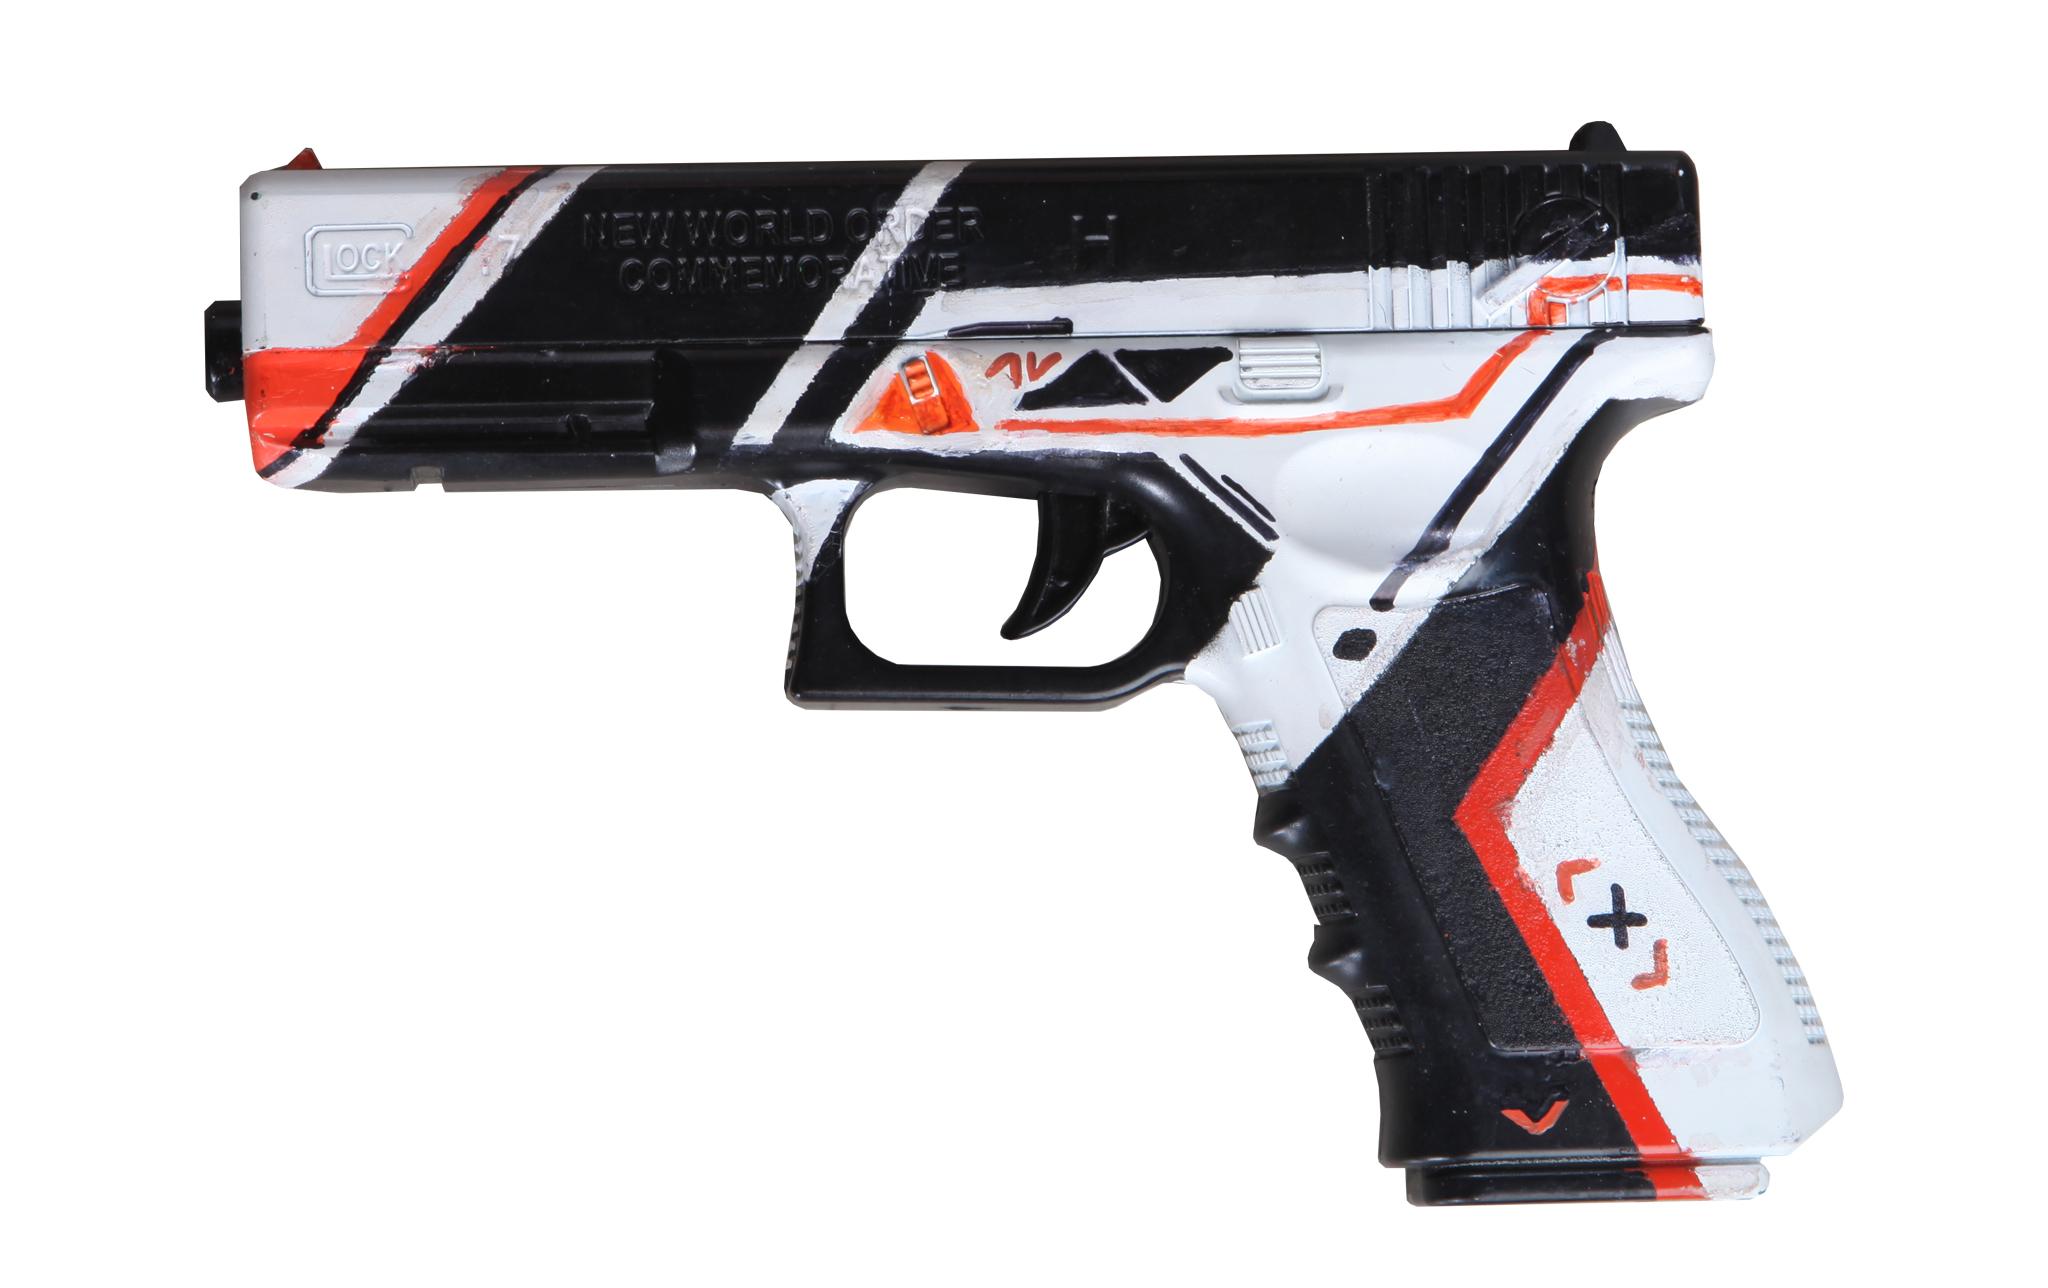 Set súng đồ chơi Skin ASIIMOV CSGO số 5